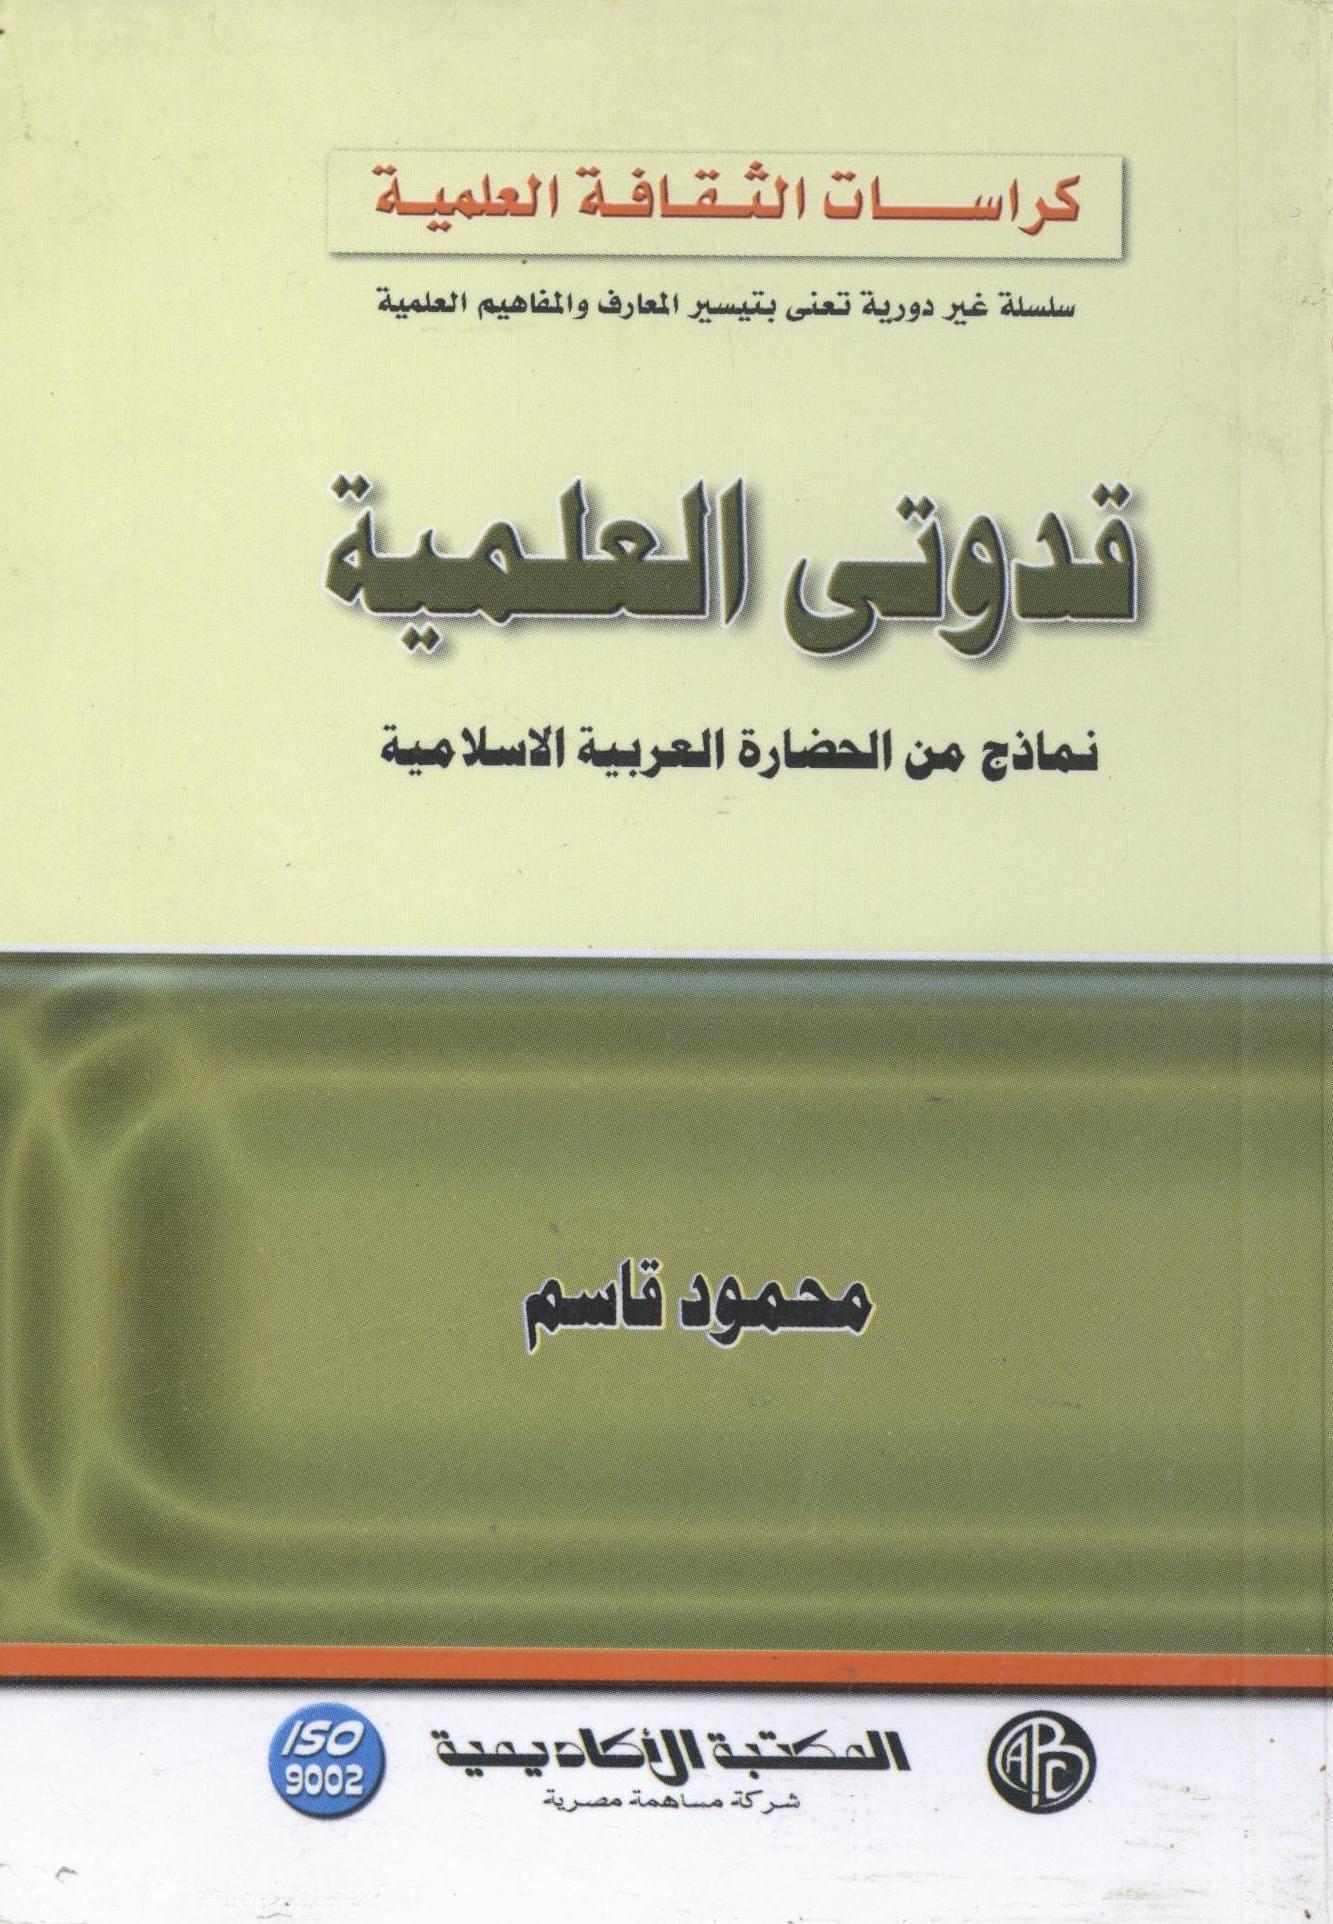 قدوتى العلمية -نماذج من الحضارة العربية الإسلامية